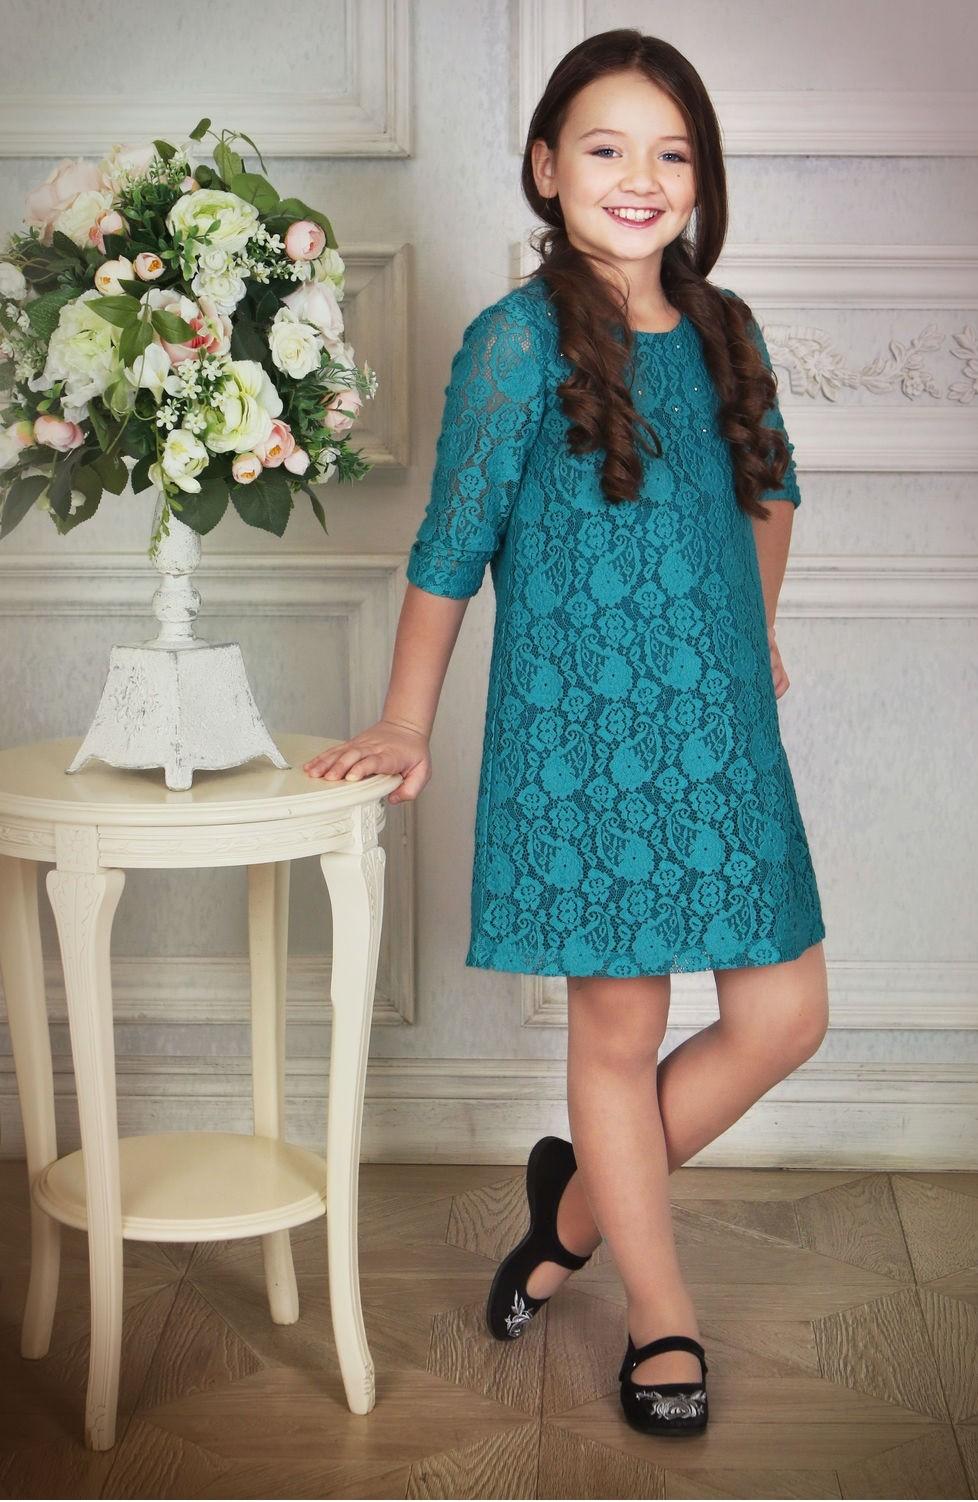 красивые новогодние платья для девочек 2019-2020: платье трапеция кружева бирюзовые